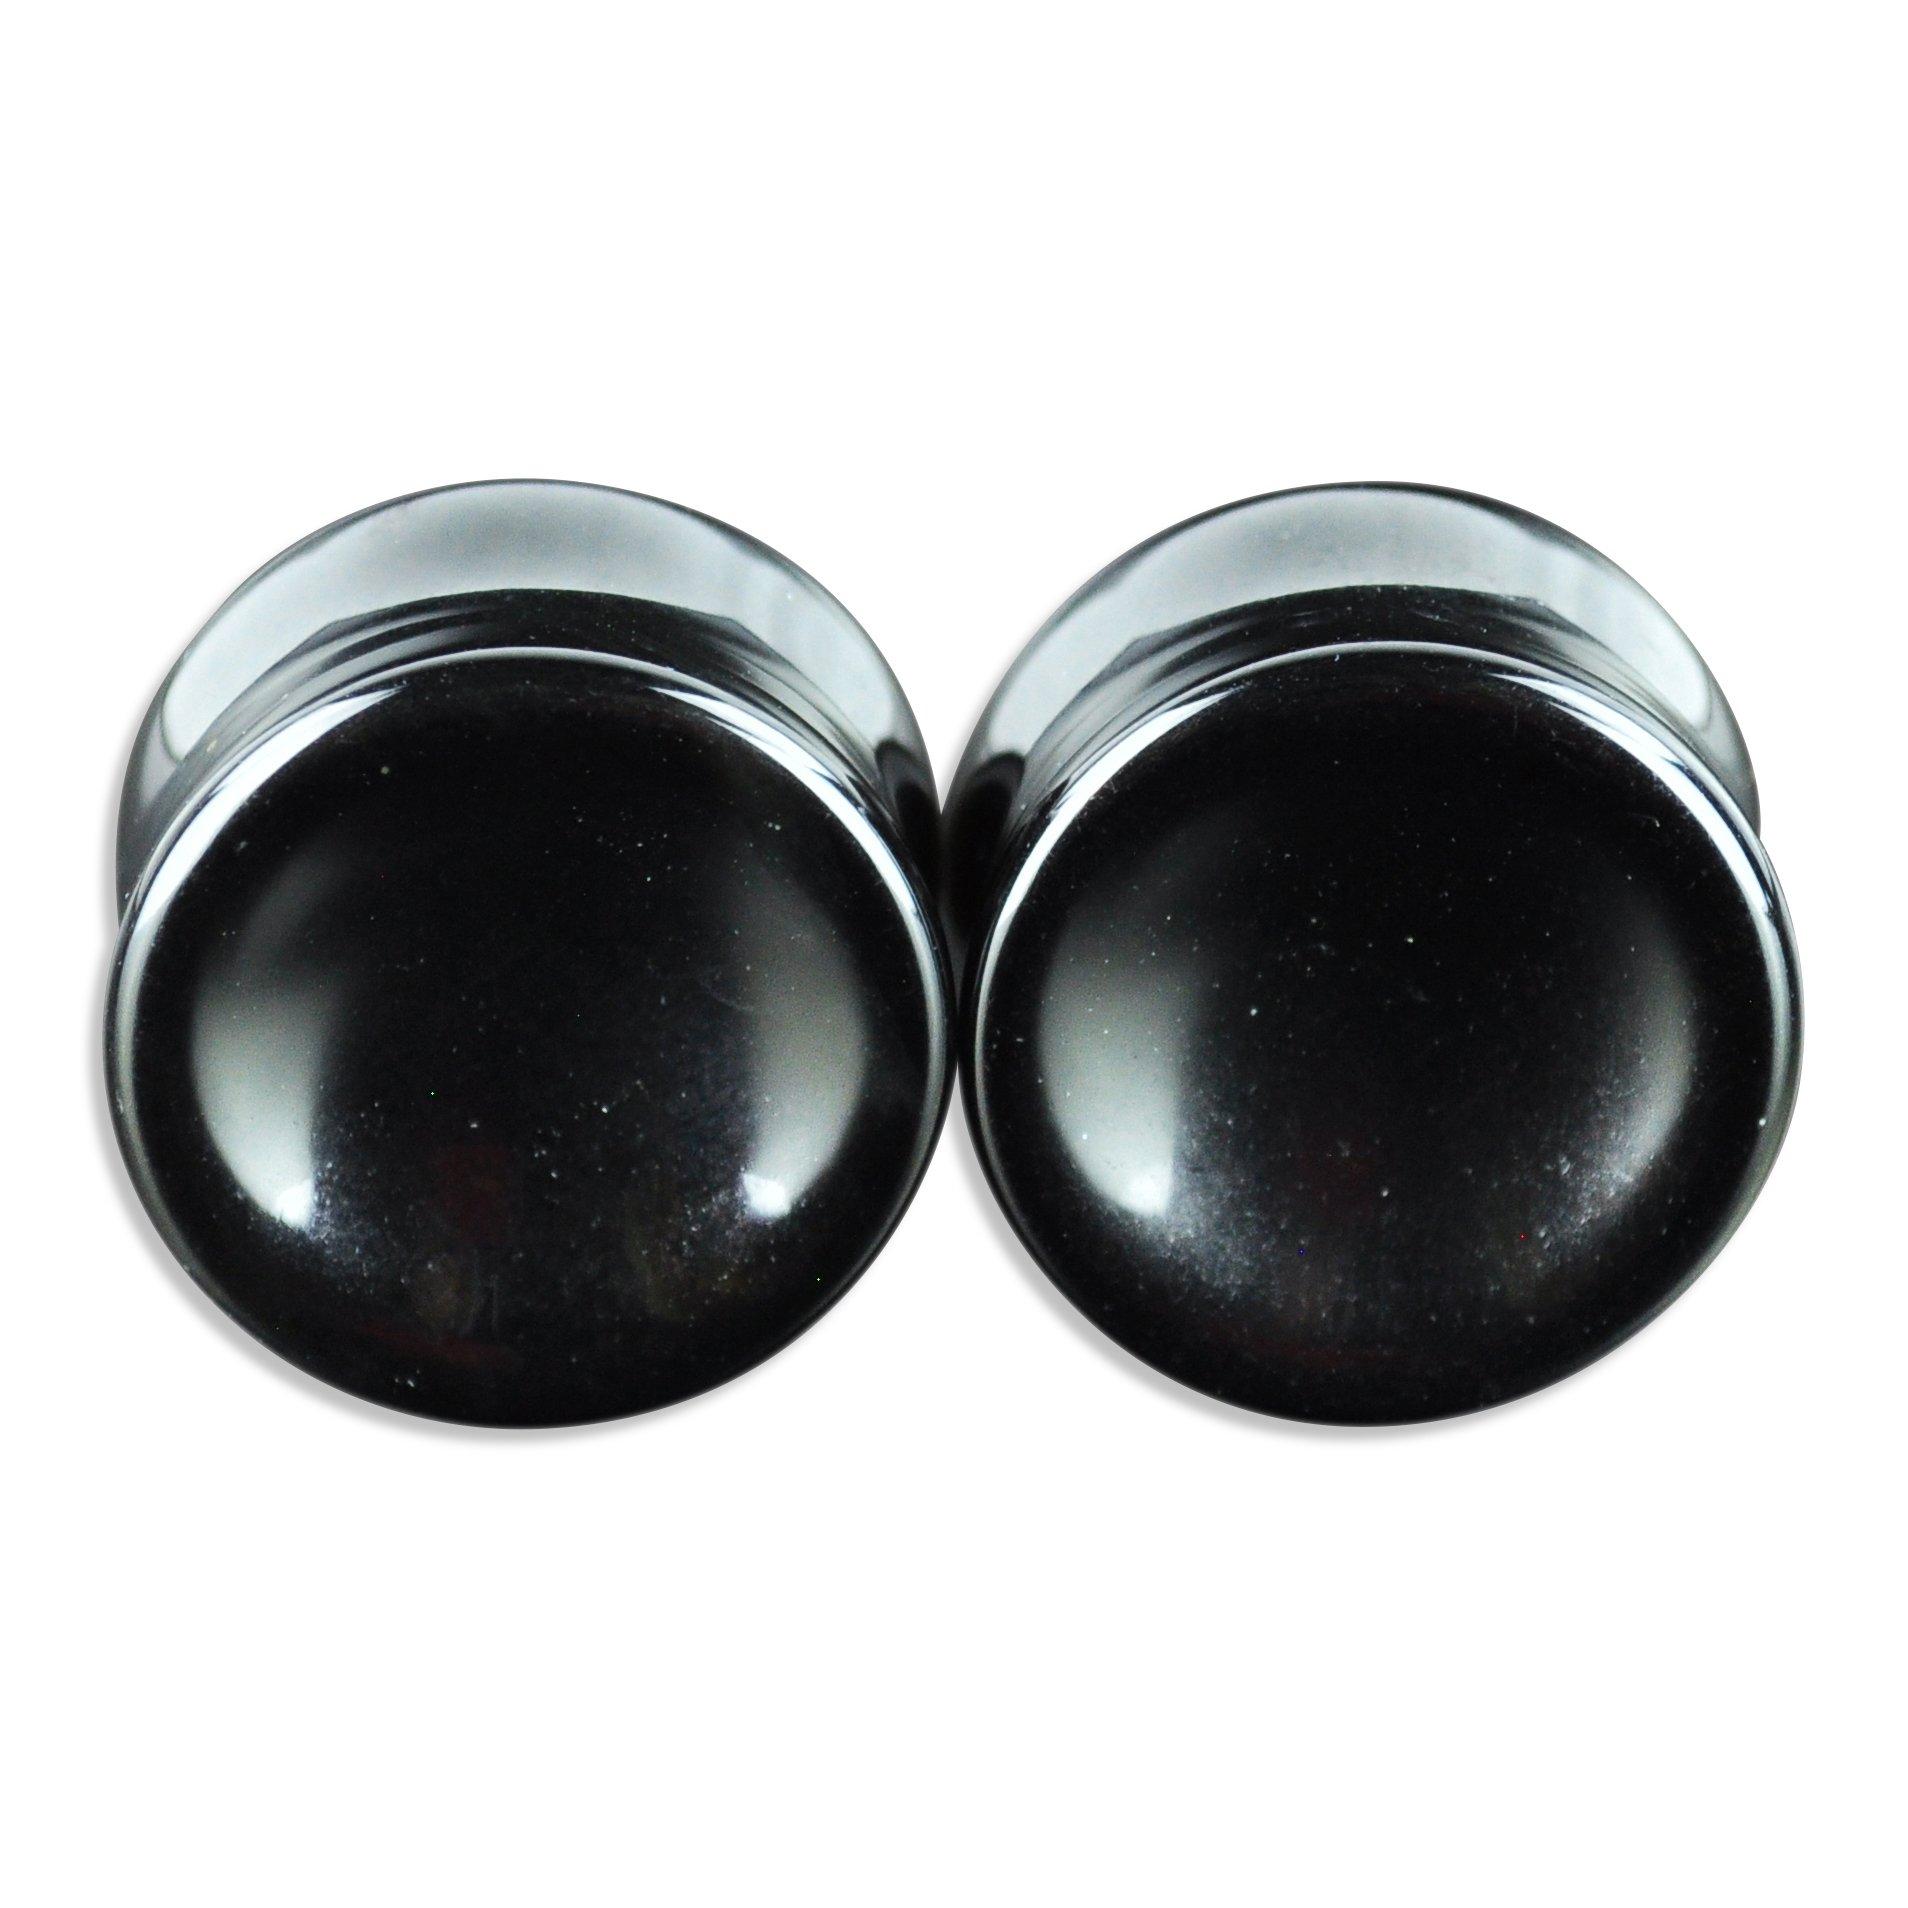 ArcticBuffalo Pair of Genuine Black Onyx Organic Natural Polished Stone Ear Gauges Plugs